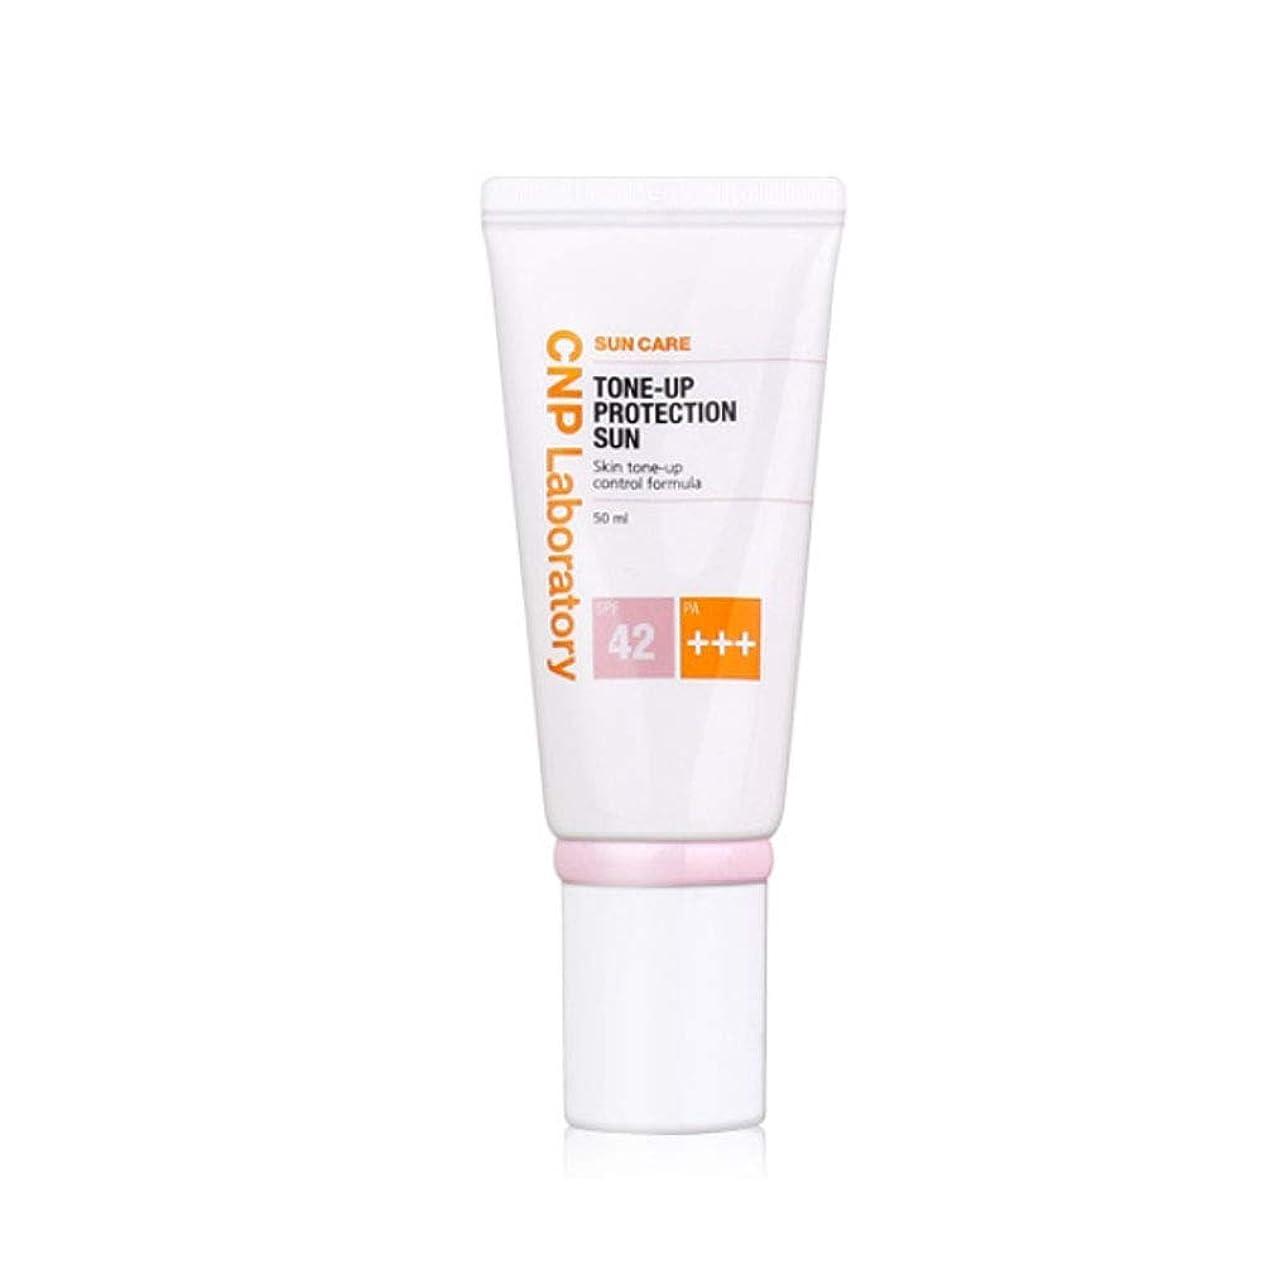 料理素晴らしさ雷雨CNPトンオププロテクションサン?クリーム紫外線遮断剤 (SPF42 / PA+++) 50ml、CNP Tone-up Protection Sun Cream (SPF42 / PA+++) 50ml [並行輸入品]